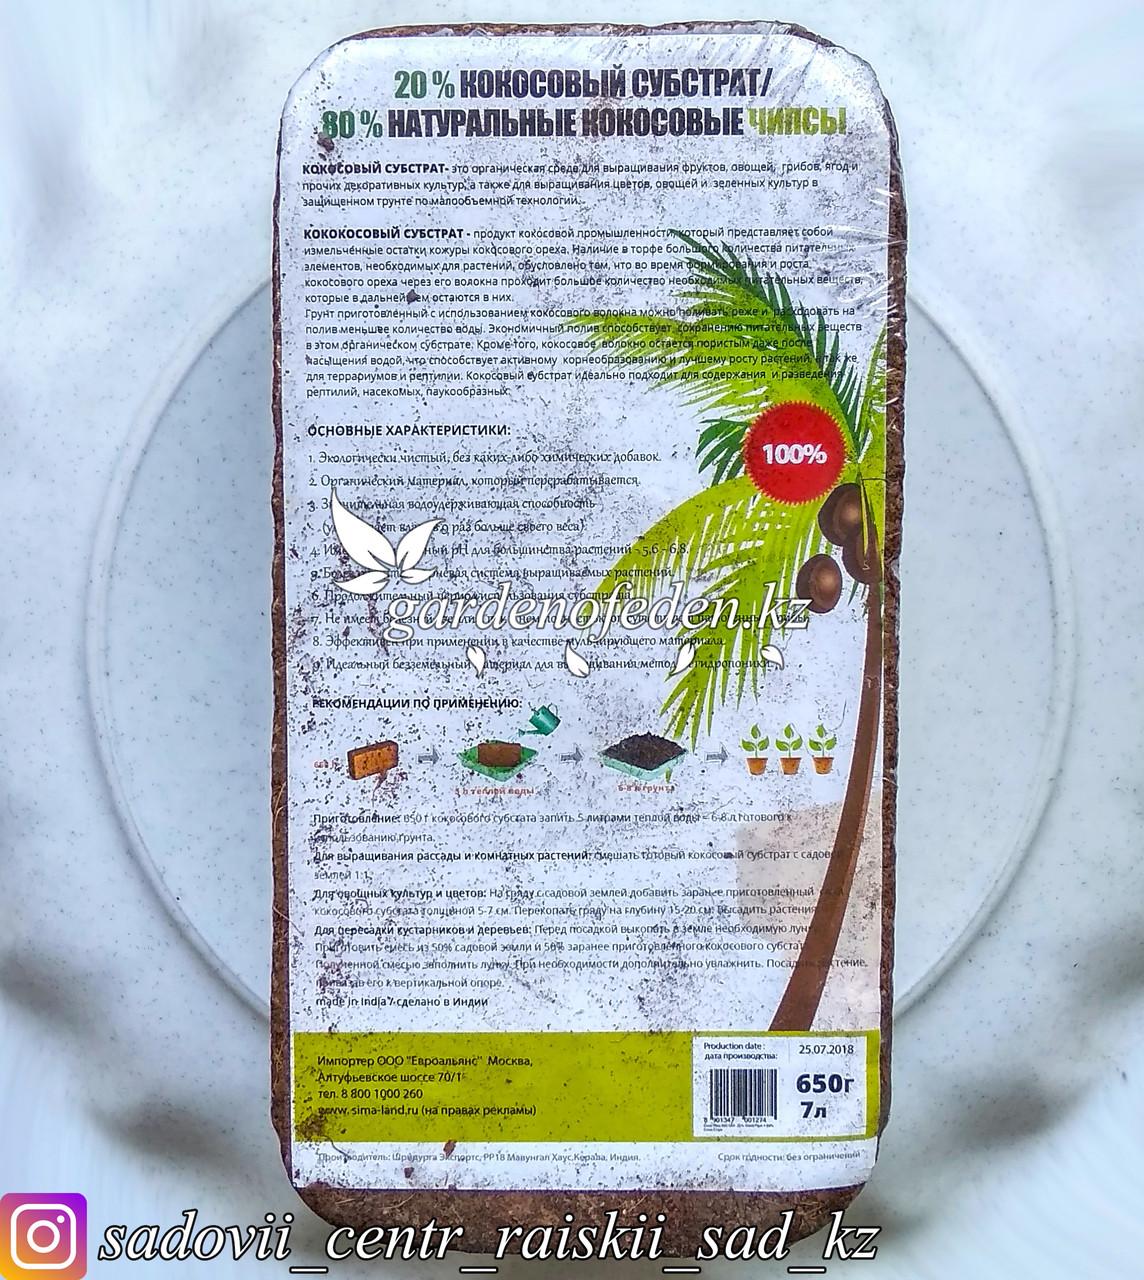 Грунт кокосовый Absolut Plus (20%), брикет, 7 л, 650 г.